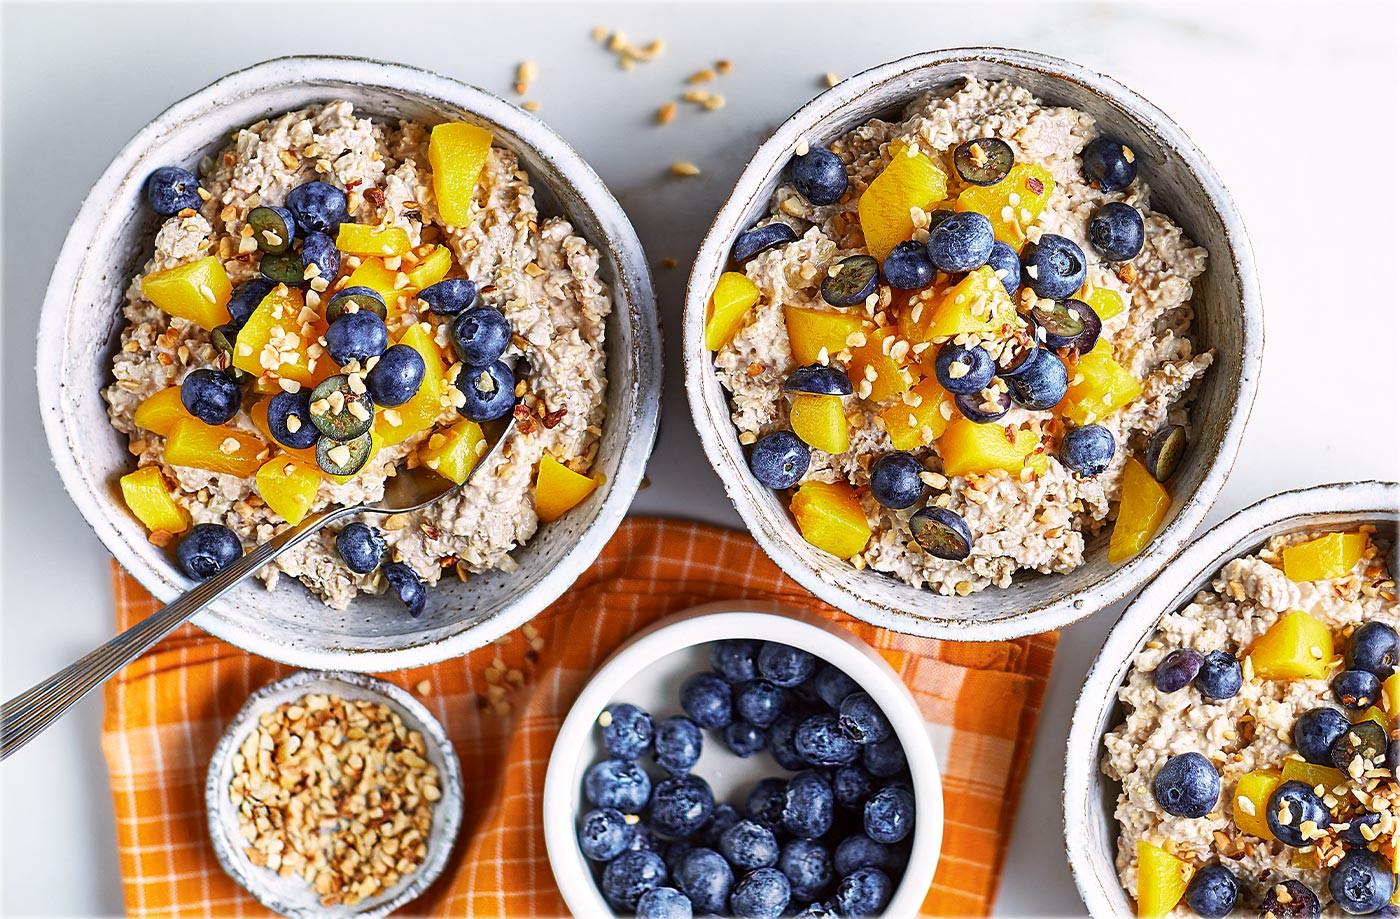 Healthy Oats Breakfast Recipes  10 healthy breakfast ideas